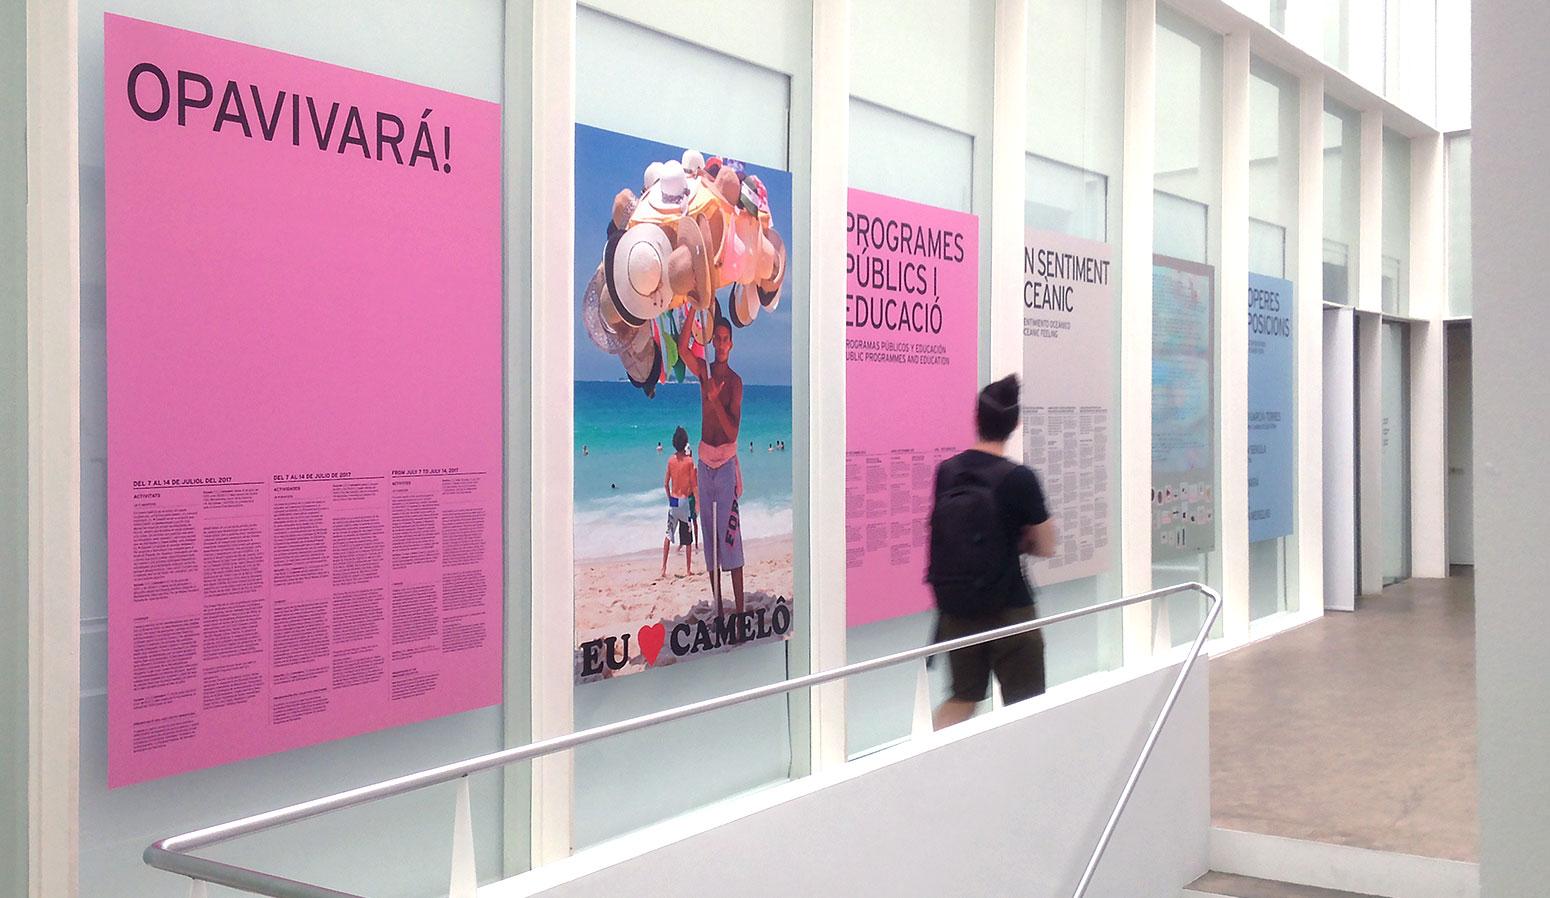 Gráfica aplicada para mostrar los programas públicos del museo Fundació Antoni Tàpies - dosgrapas | Estudio de diseño gráfico en Barcelona